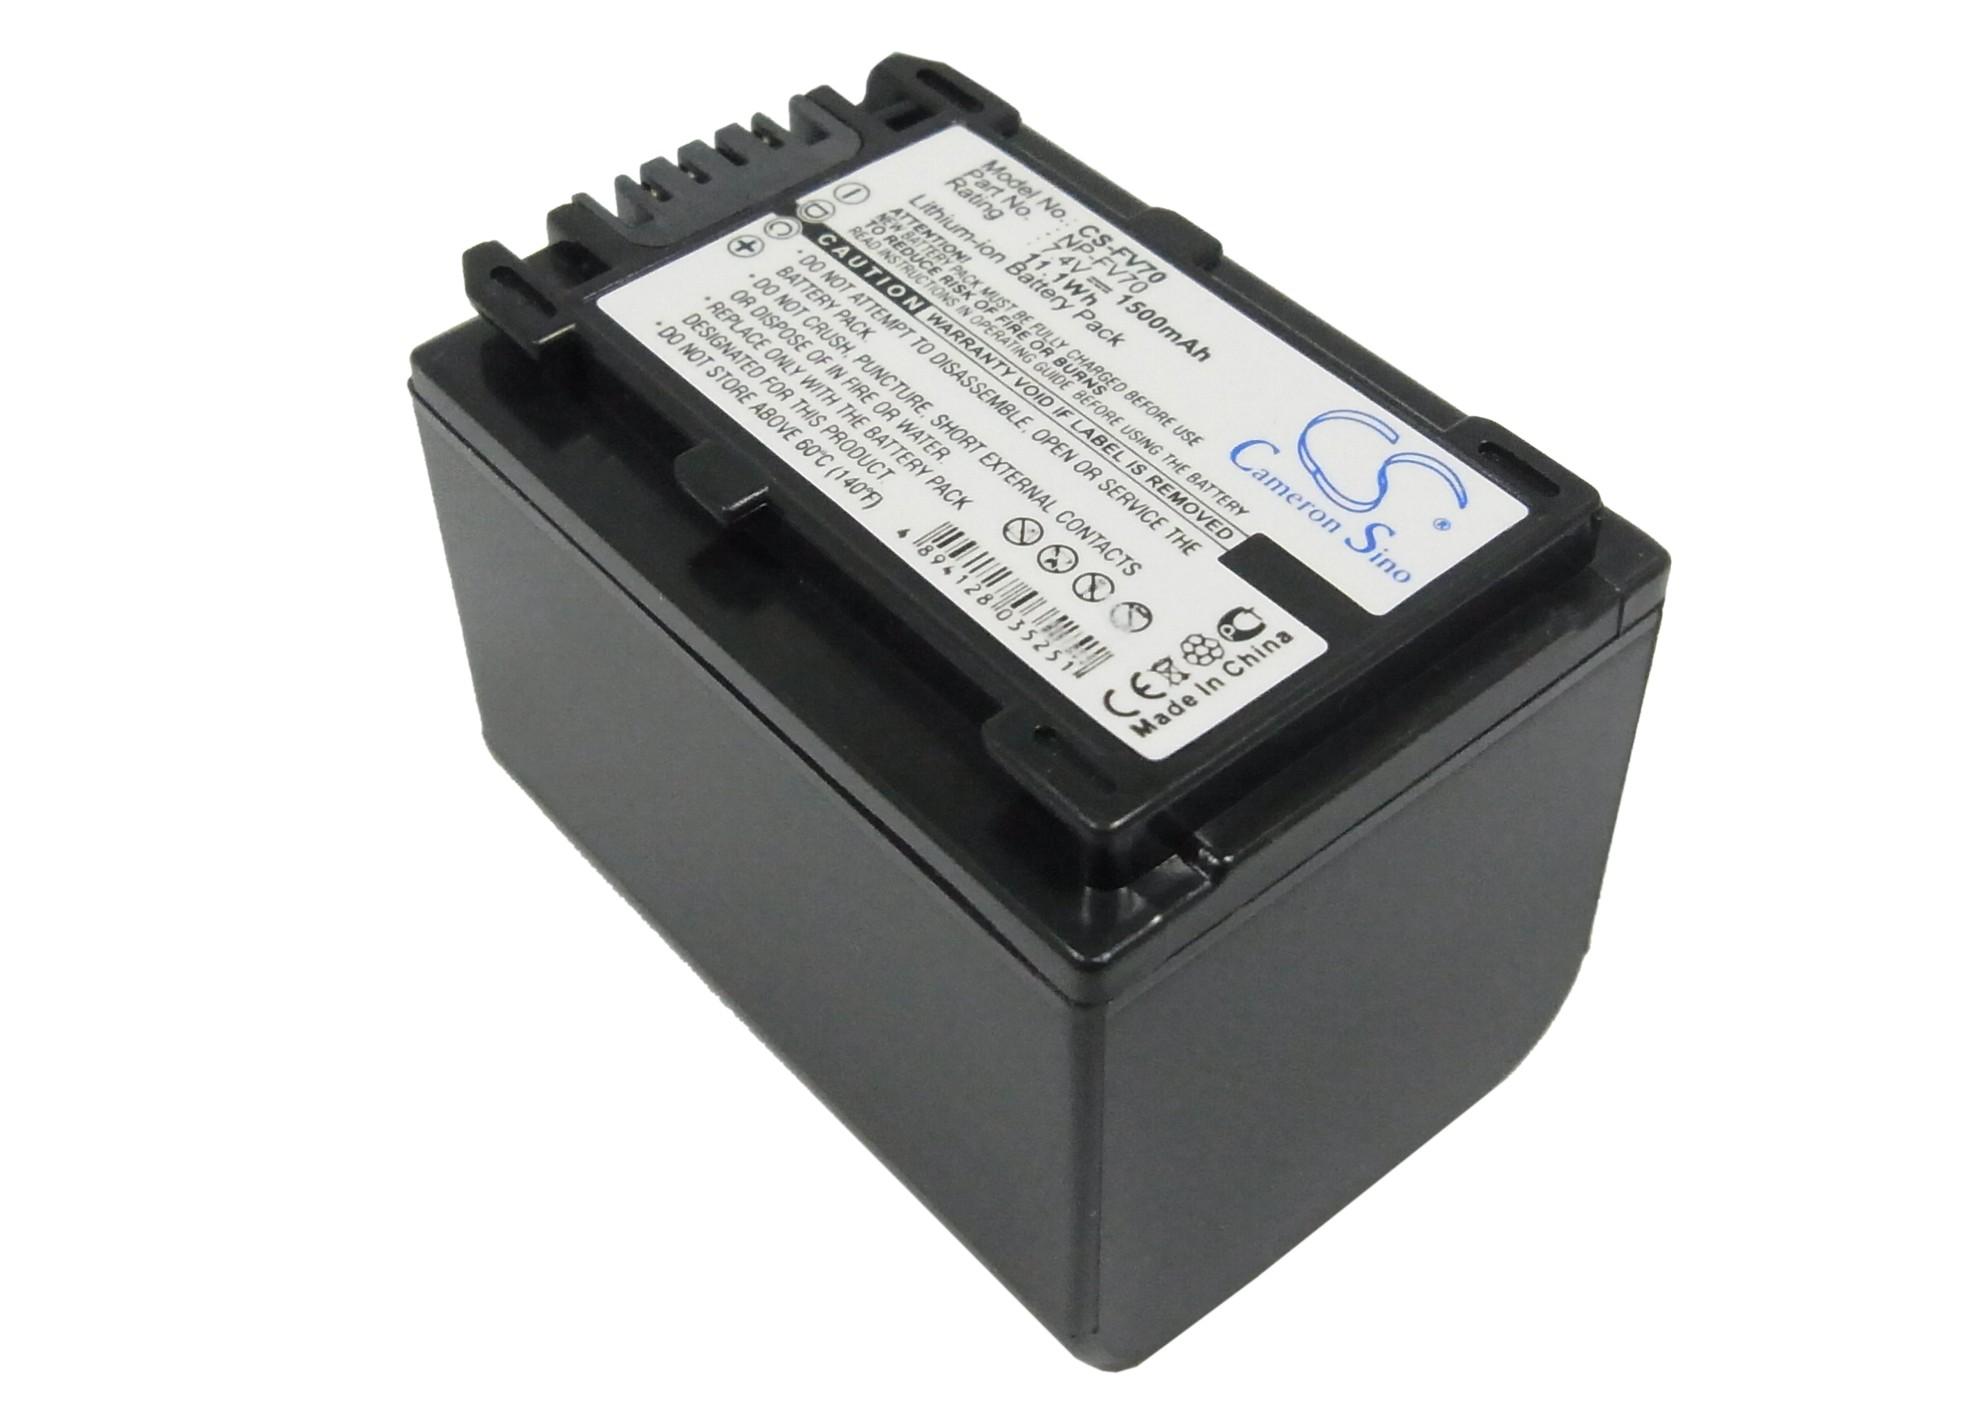 Cameron Sino baterie do kamer a fotoaparátů pro SONY HDR-CX300 7.4V Li-ion 1500mAh černá - neoriginální